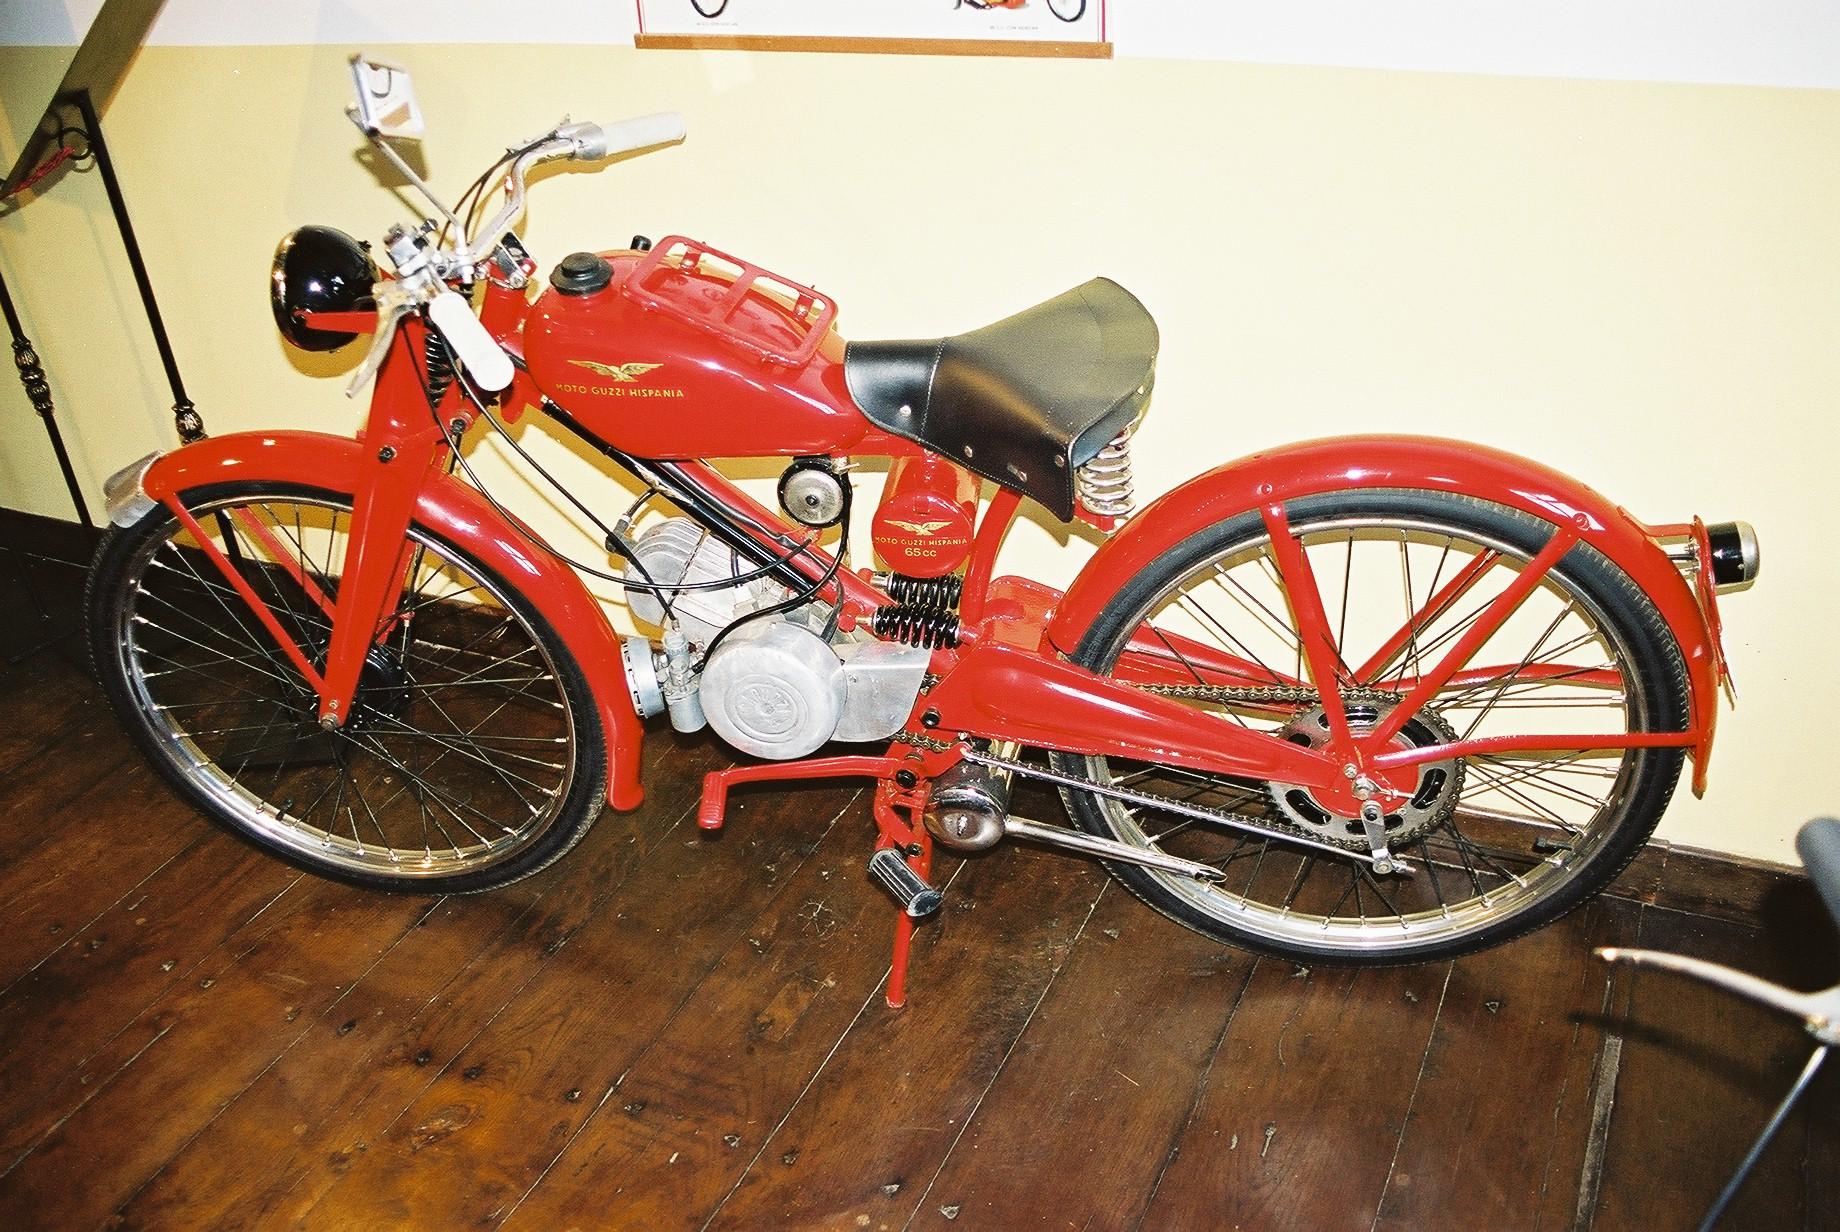 Moto Guzzi Hispania - motorower produkowany w Hiszpanii w latach 50. i 60. XX wieku według licencji włoskiej. Eksponat ze zbiorów De la Pinta. Fot. Grzegorz Chmielewski